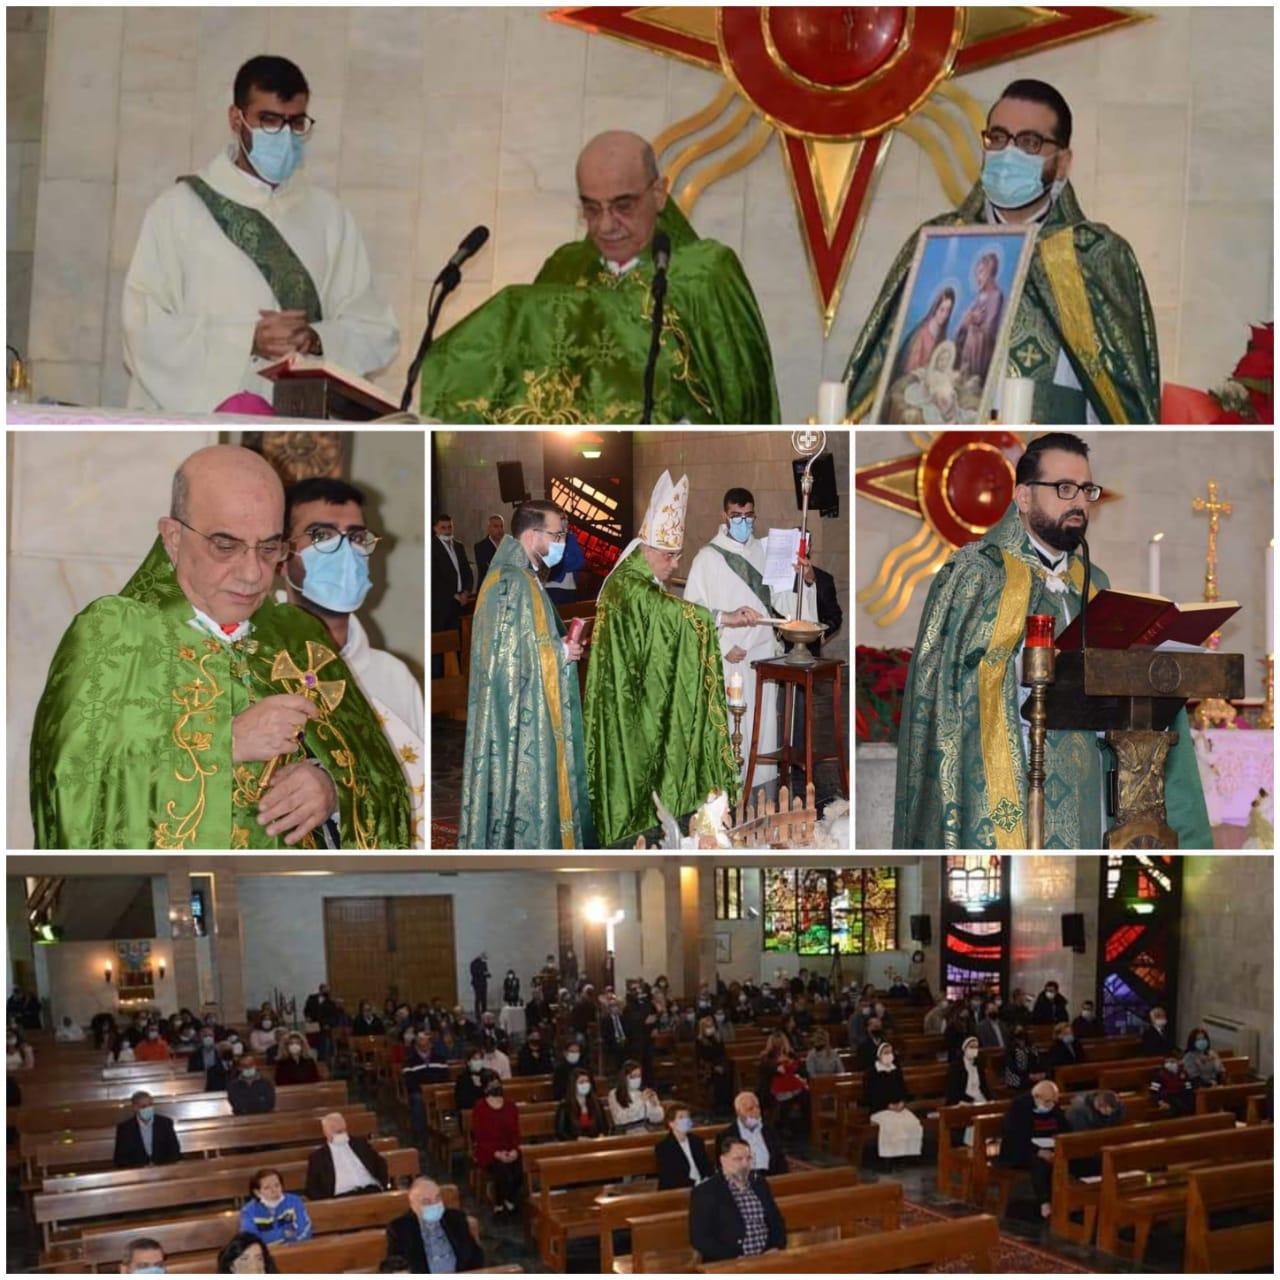 Christmas Divine Liturgy